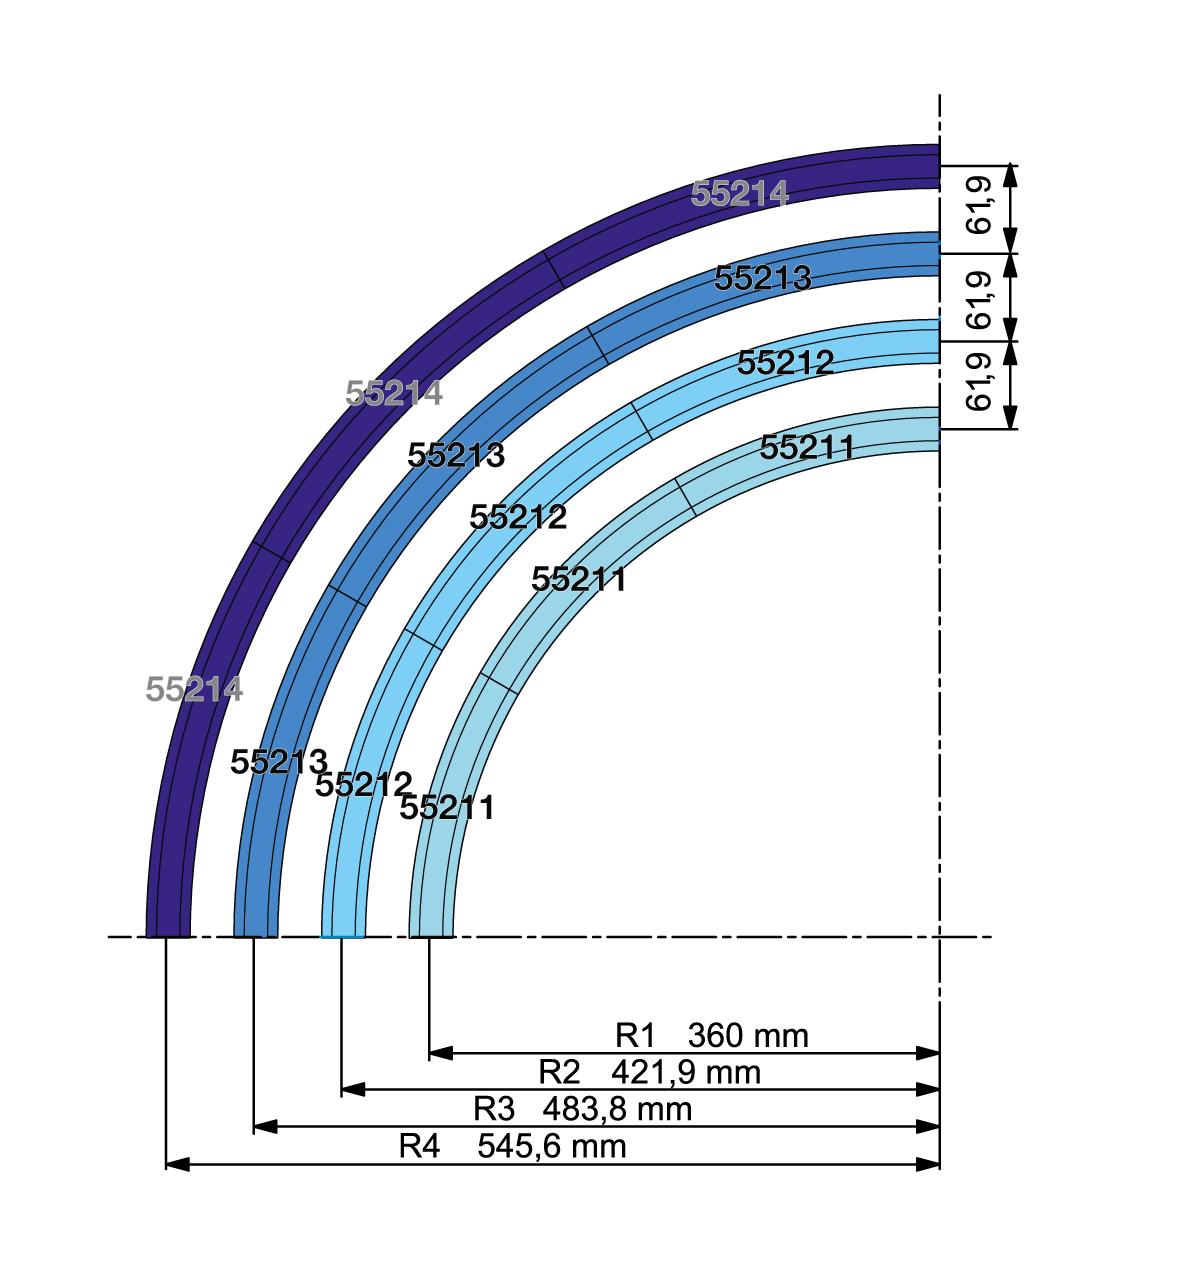 Die PIKO A Gleis Radien R1, R2, R3 und R4 im Schema